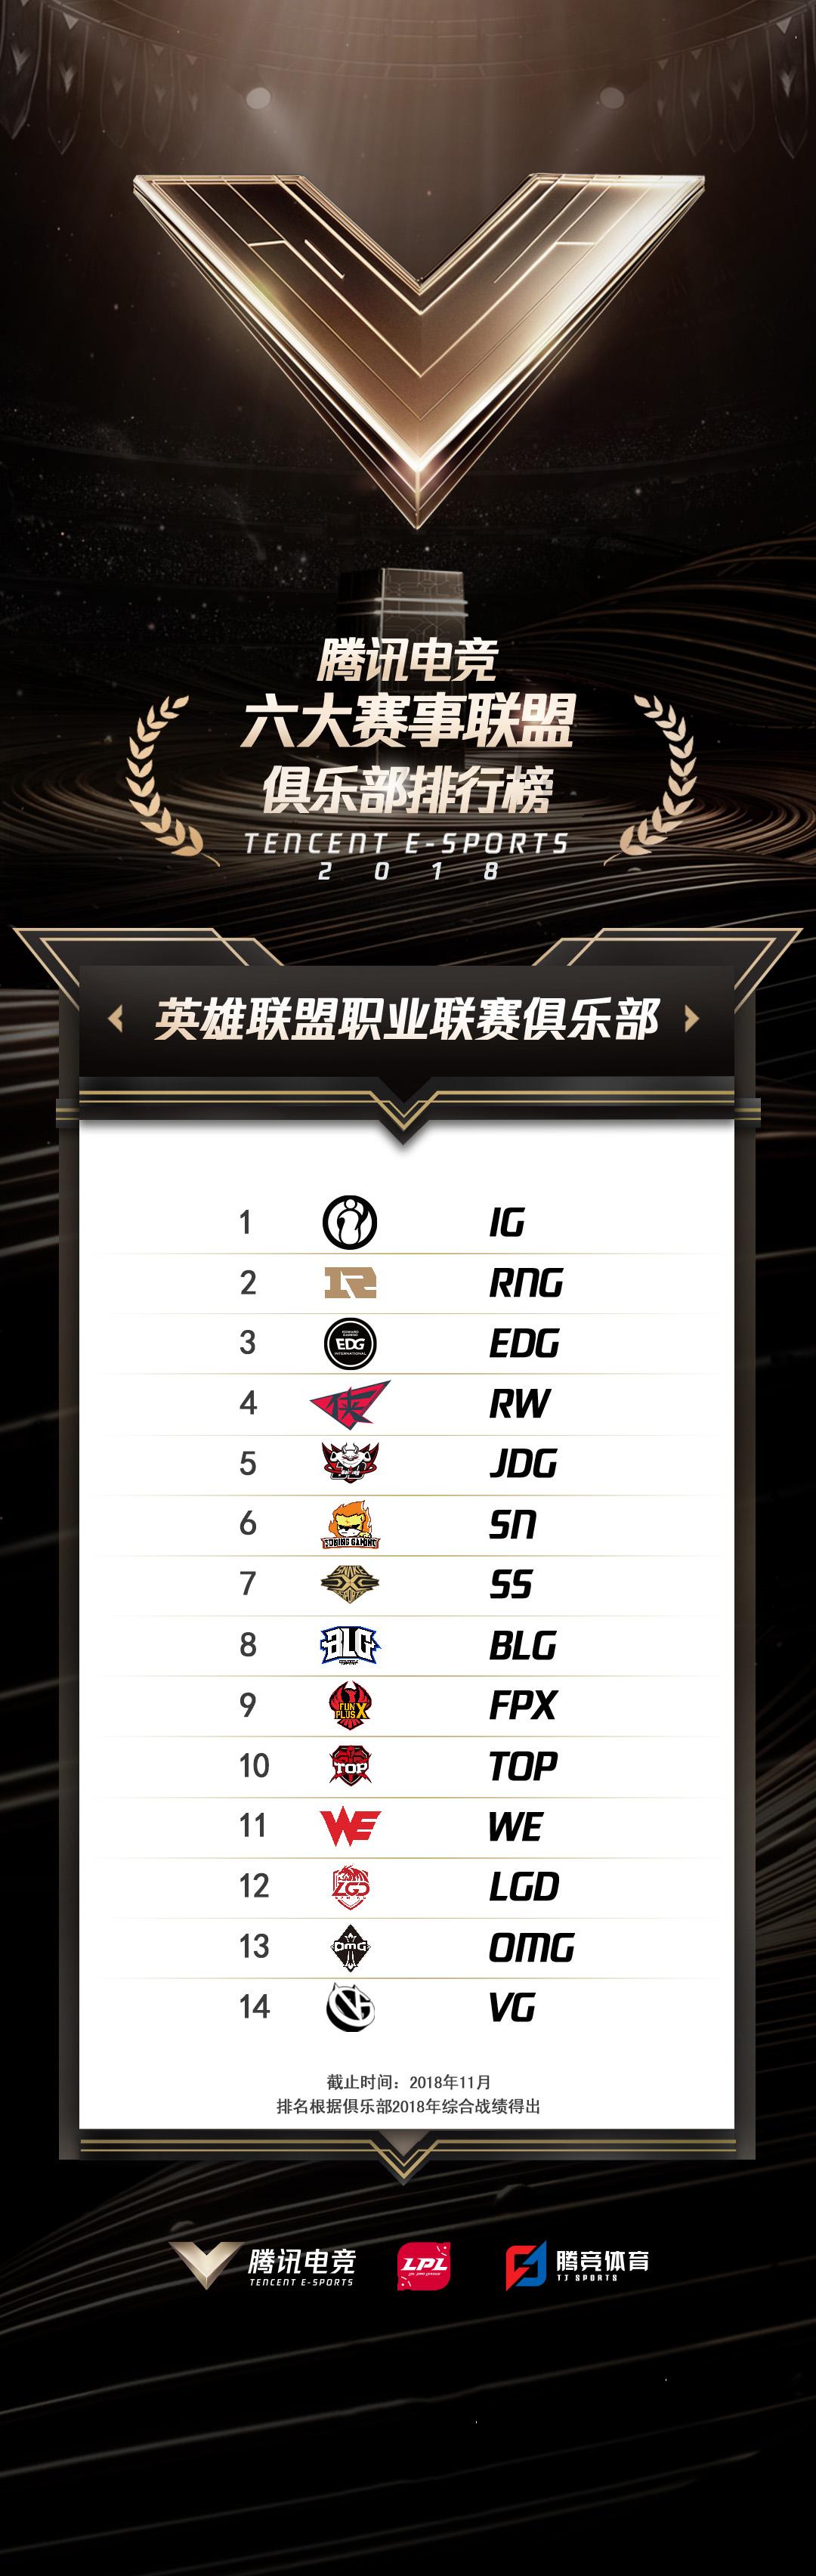 重磅!腾讯电竞俱乐部TOP榜单正式发布